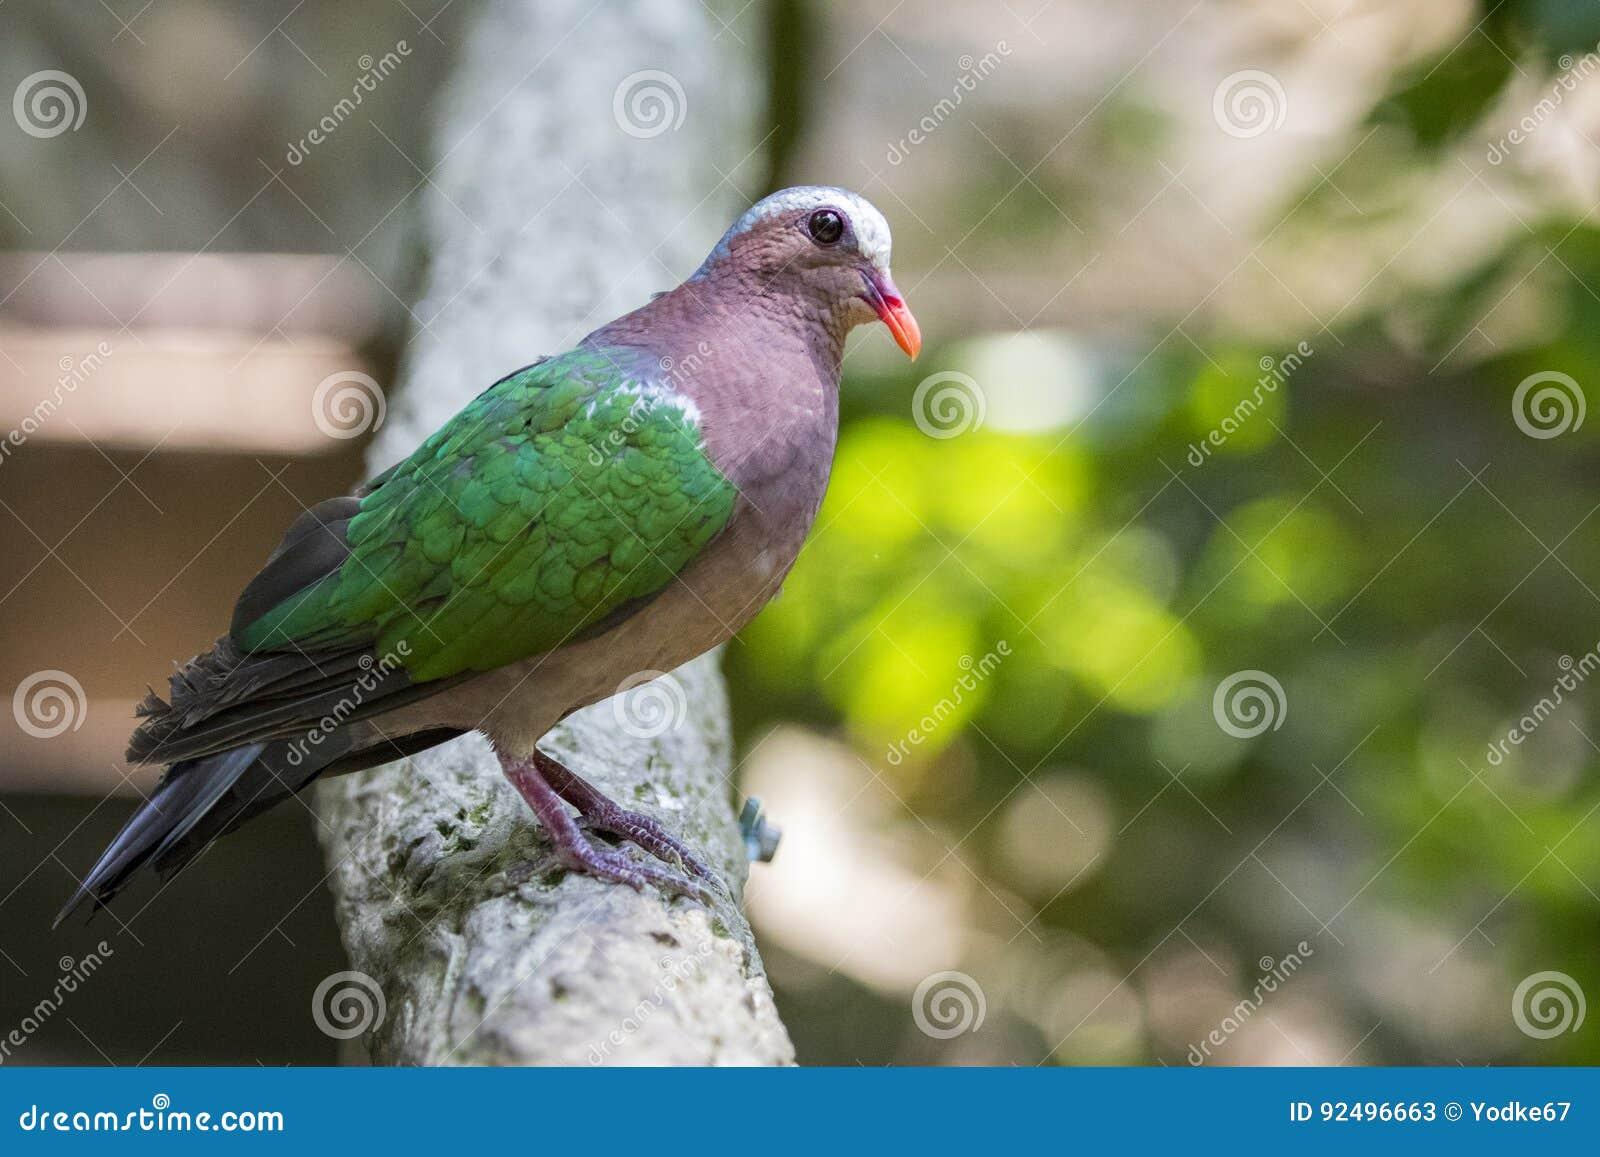 Image de l 39 oiseau emerald dove commun sur le fond de for Oiseau commun